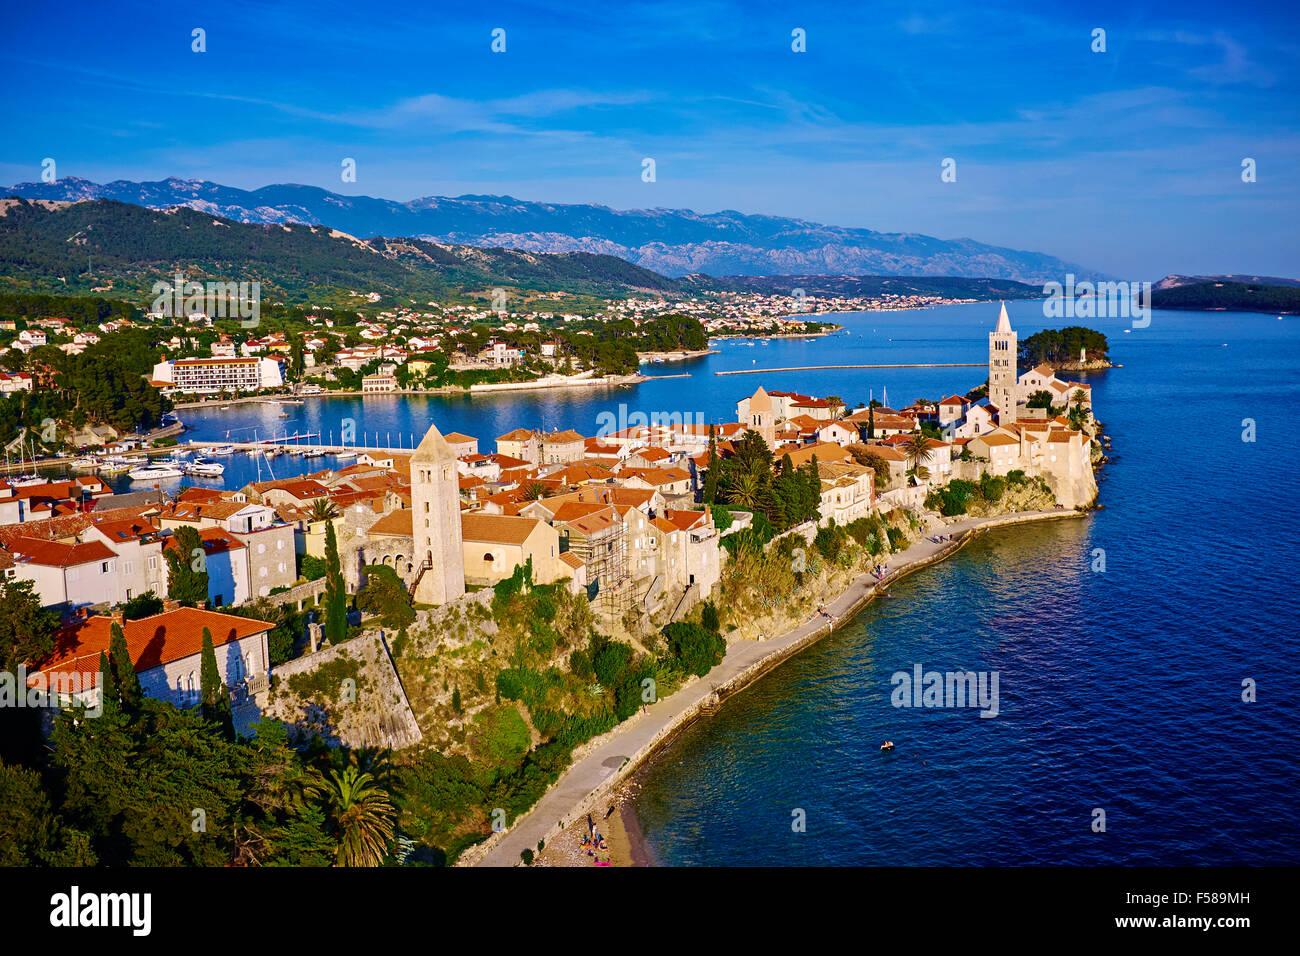 La Croatie, Kvarner, Île et ville de Rab Photo Stock